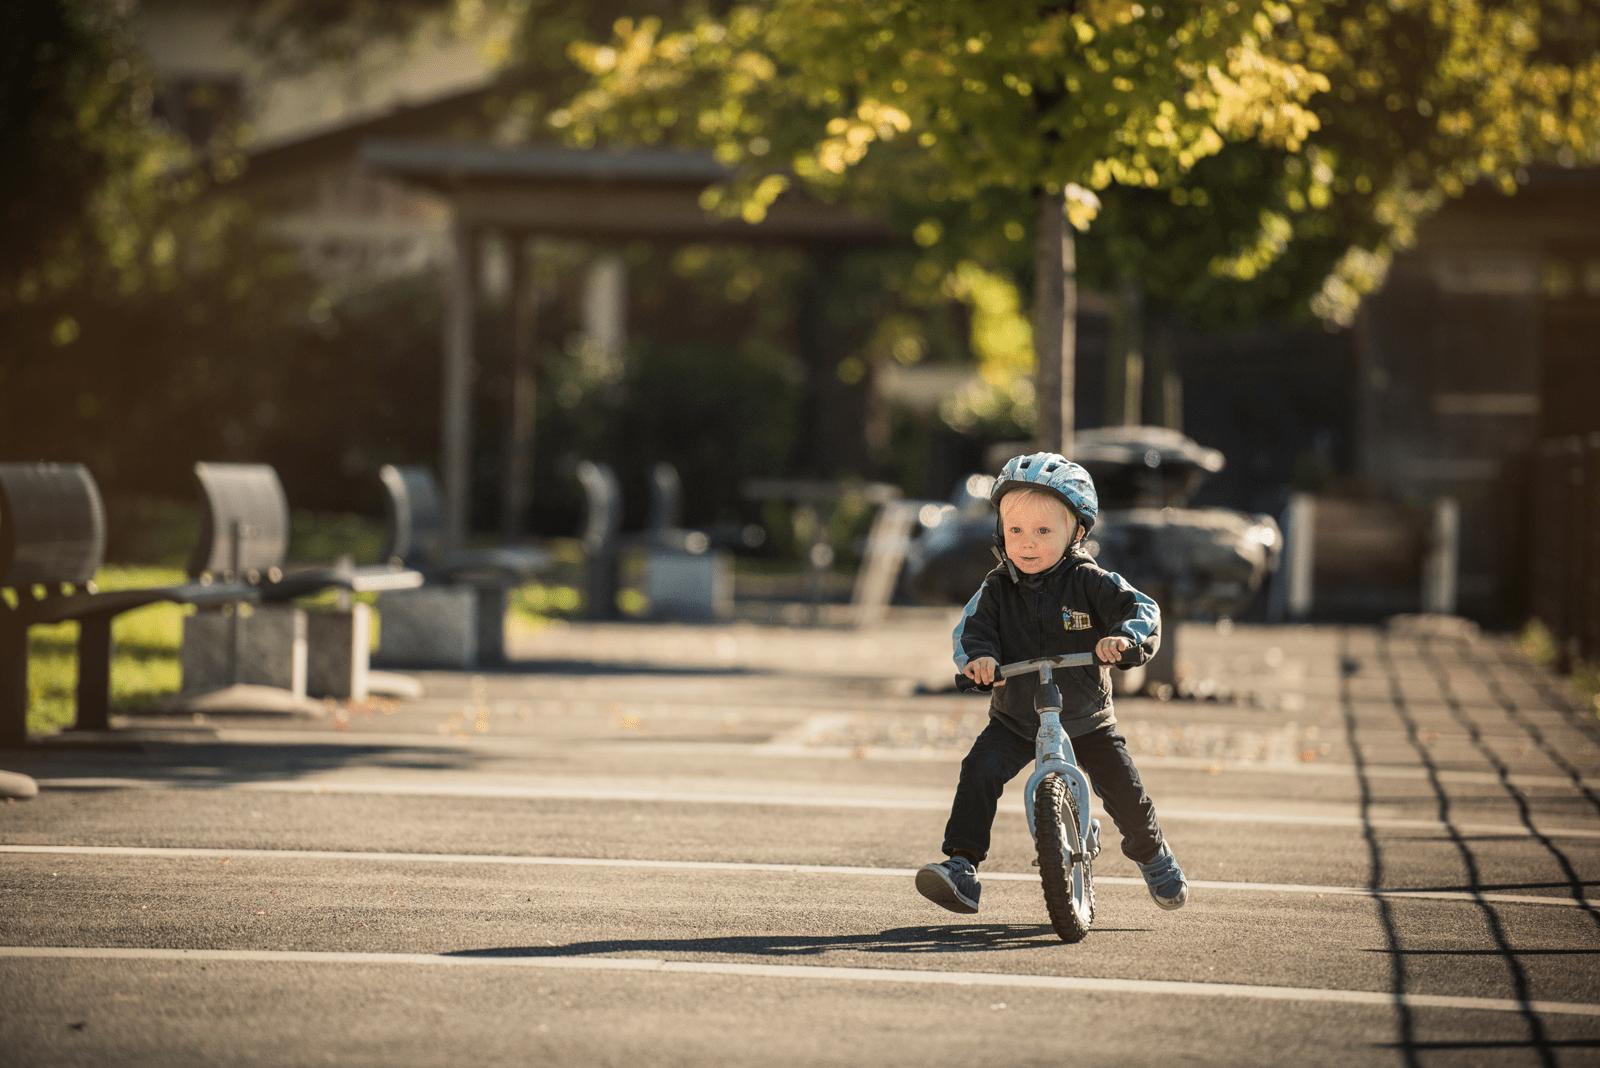 Kleiner Junge fährt mit Vollgas vor der Kita mit dem Fahrrad und hat sichtlich Spass dabei.